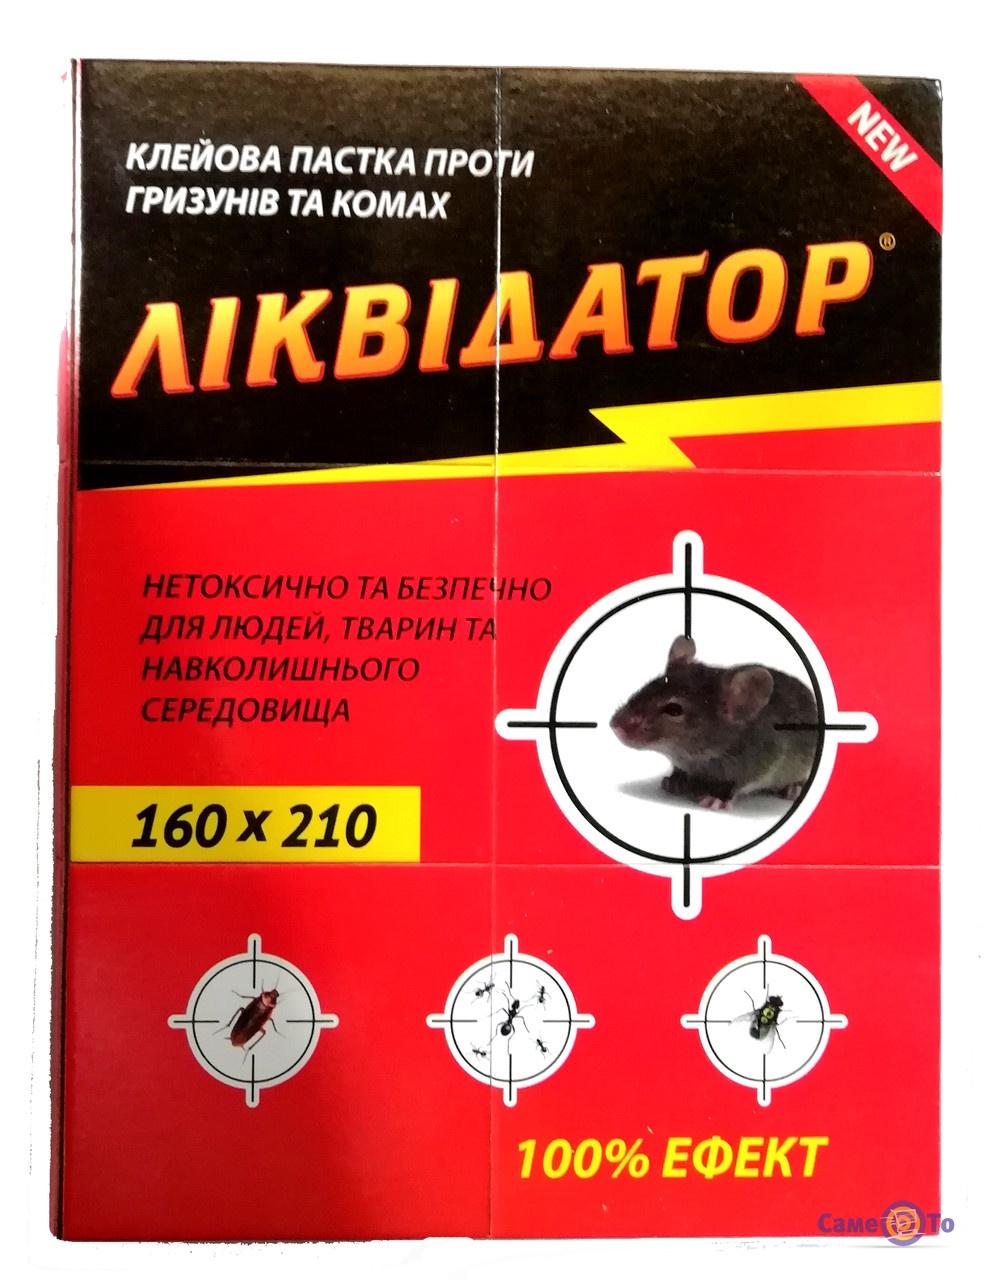 Ловушка для мышей и насекомых Ликвидатор - универсальная клеевая ловушка